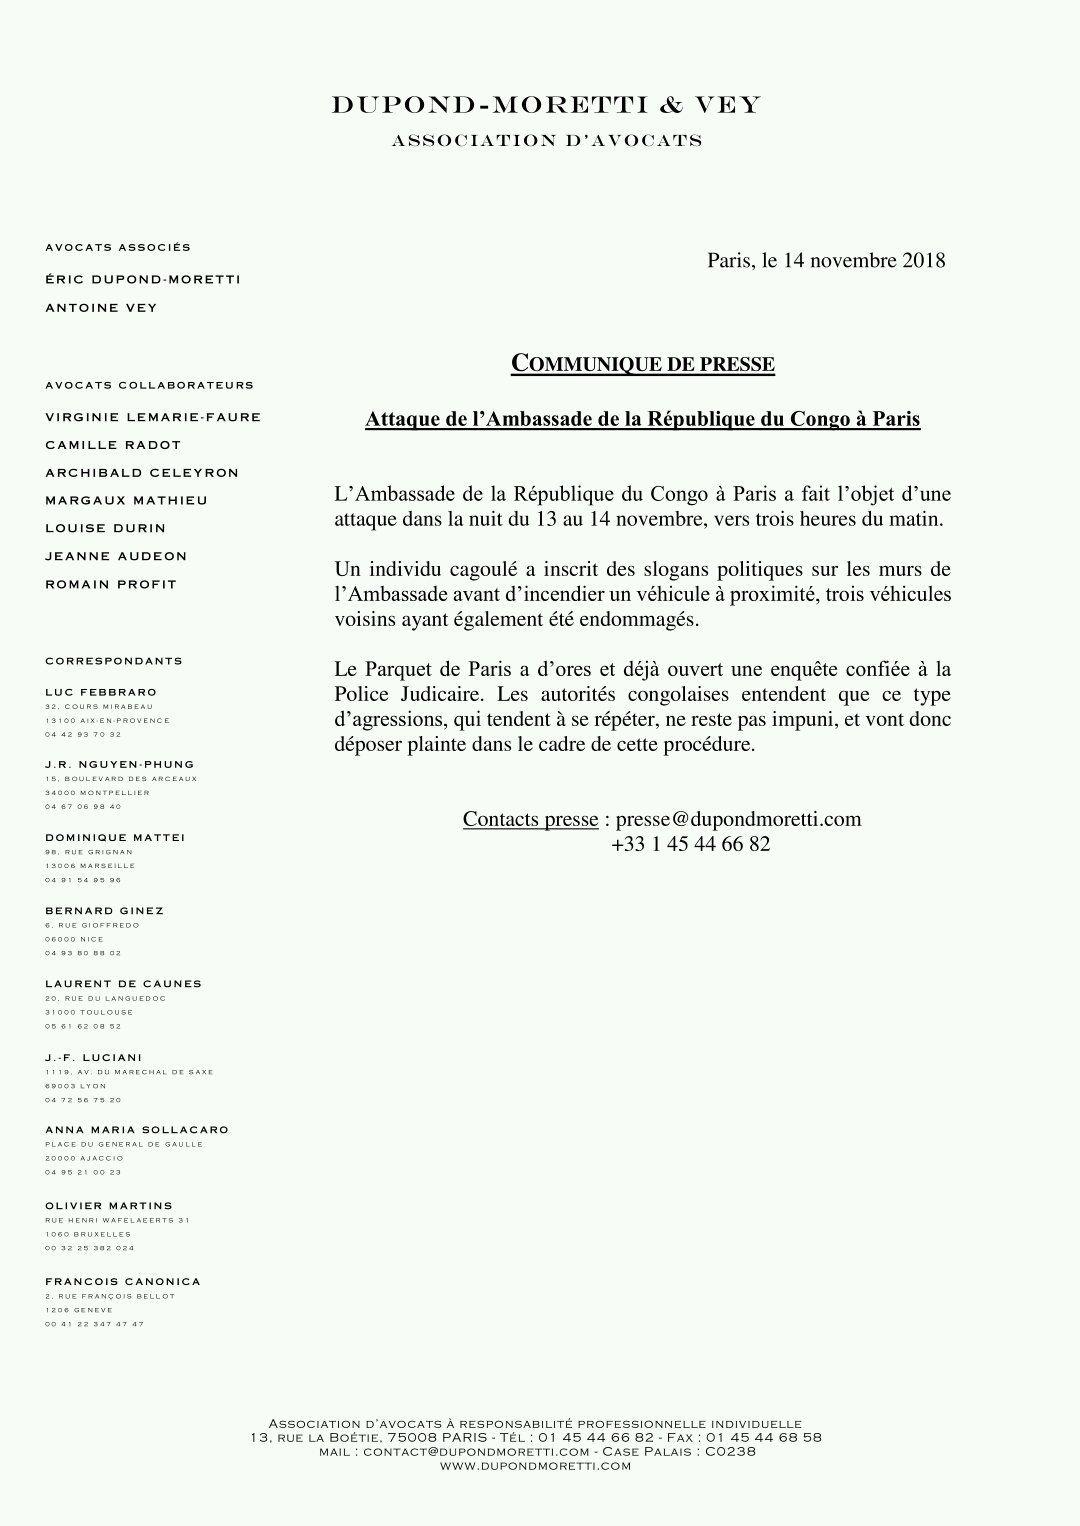 Grave incendie à l'ambassade du Congo en France